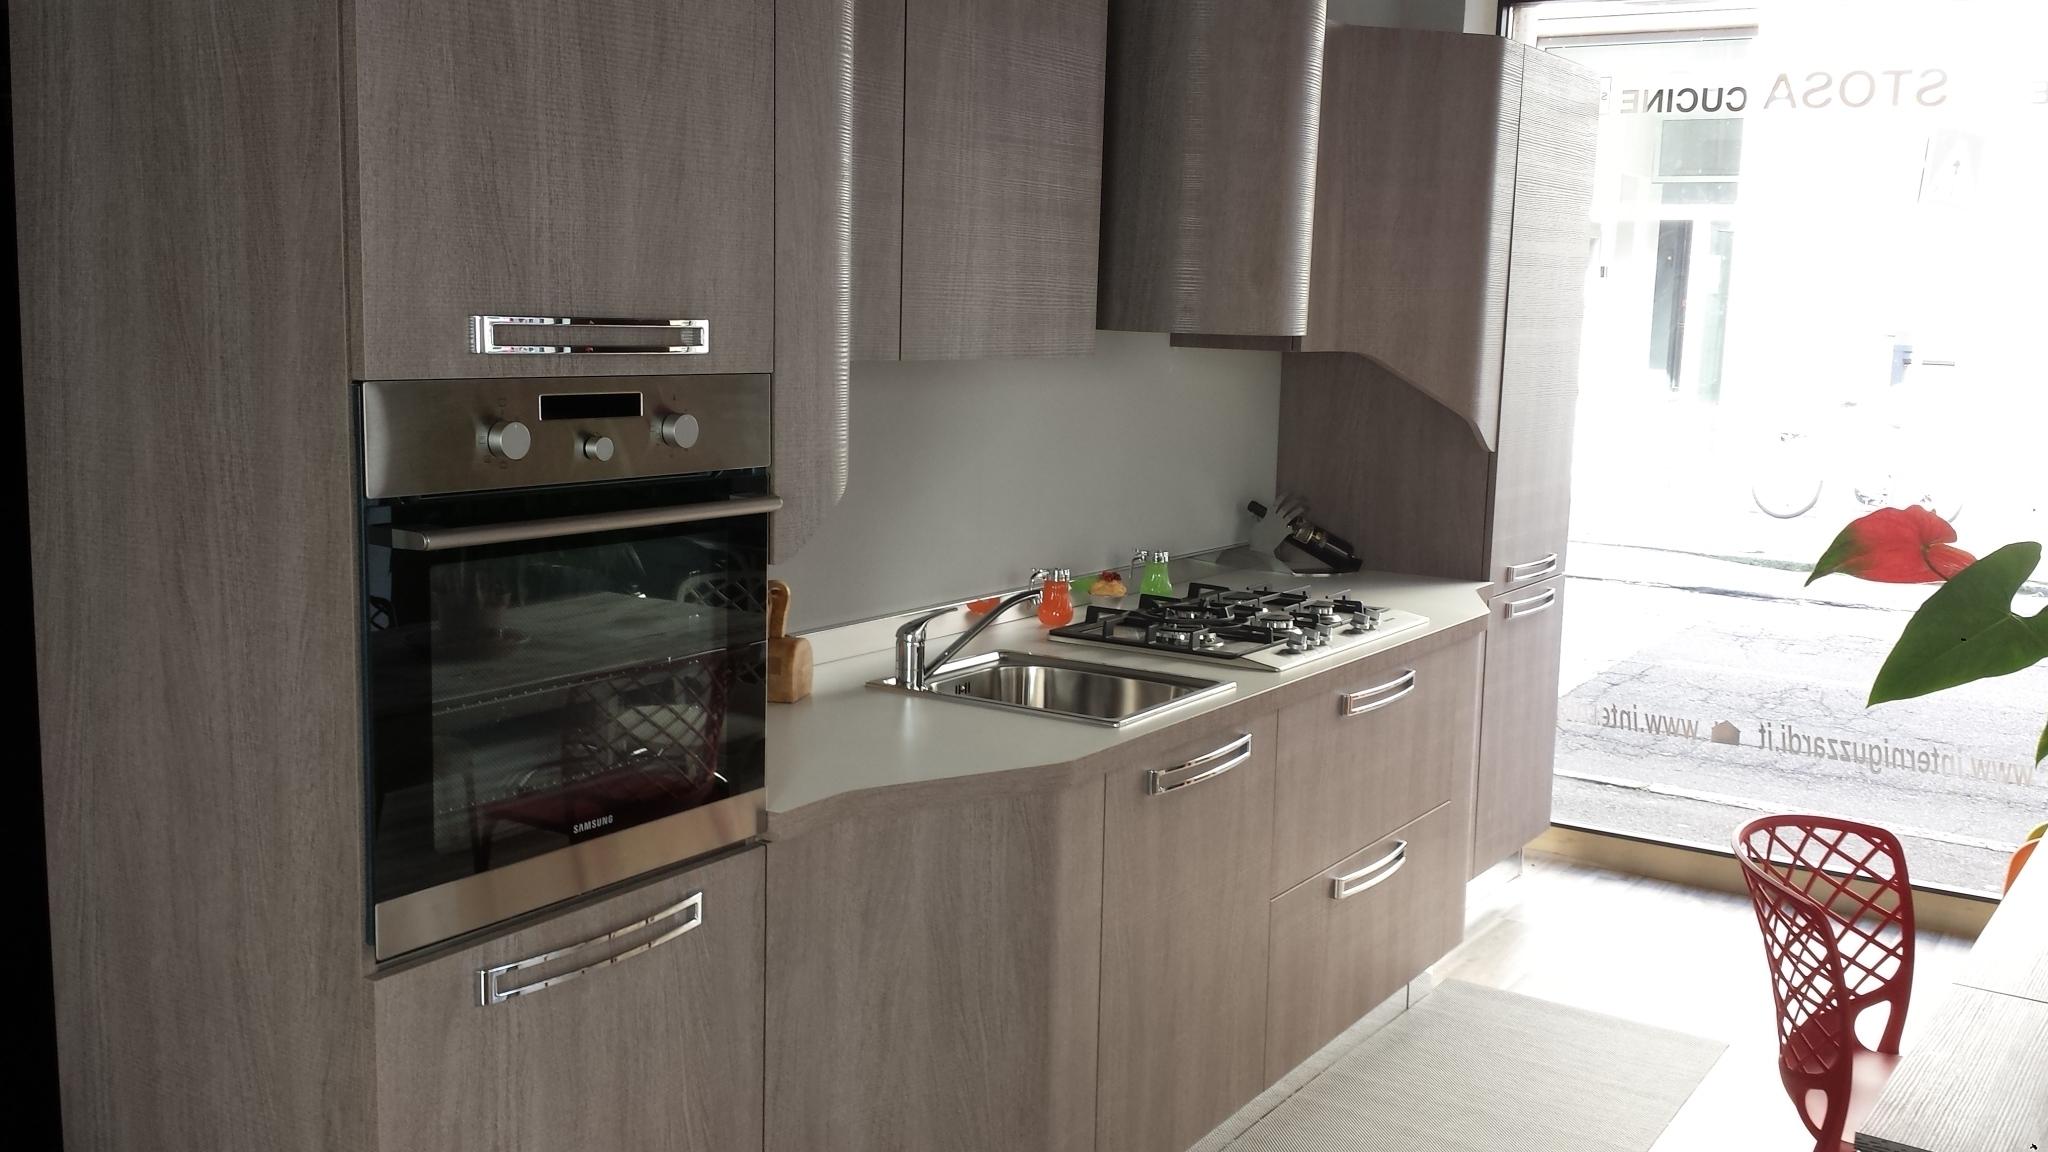 Stosa Cucine Cucina Milly scontato del -60 % - Cucine a prezzi ...